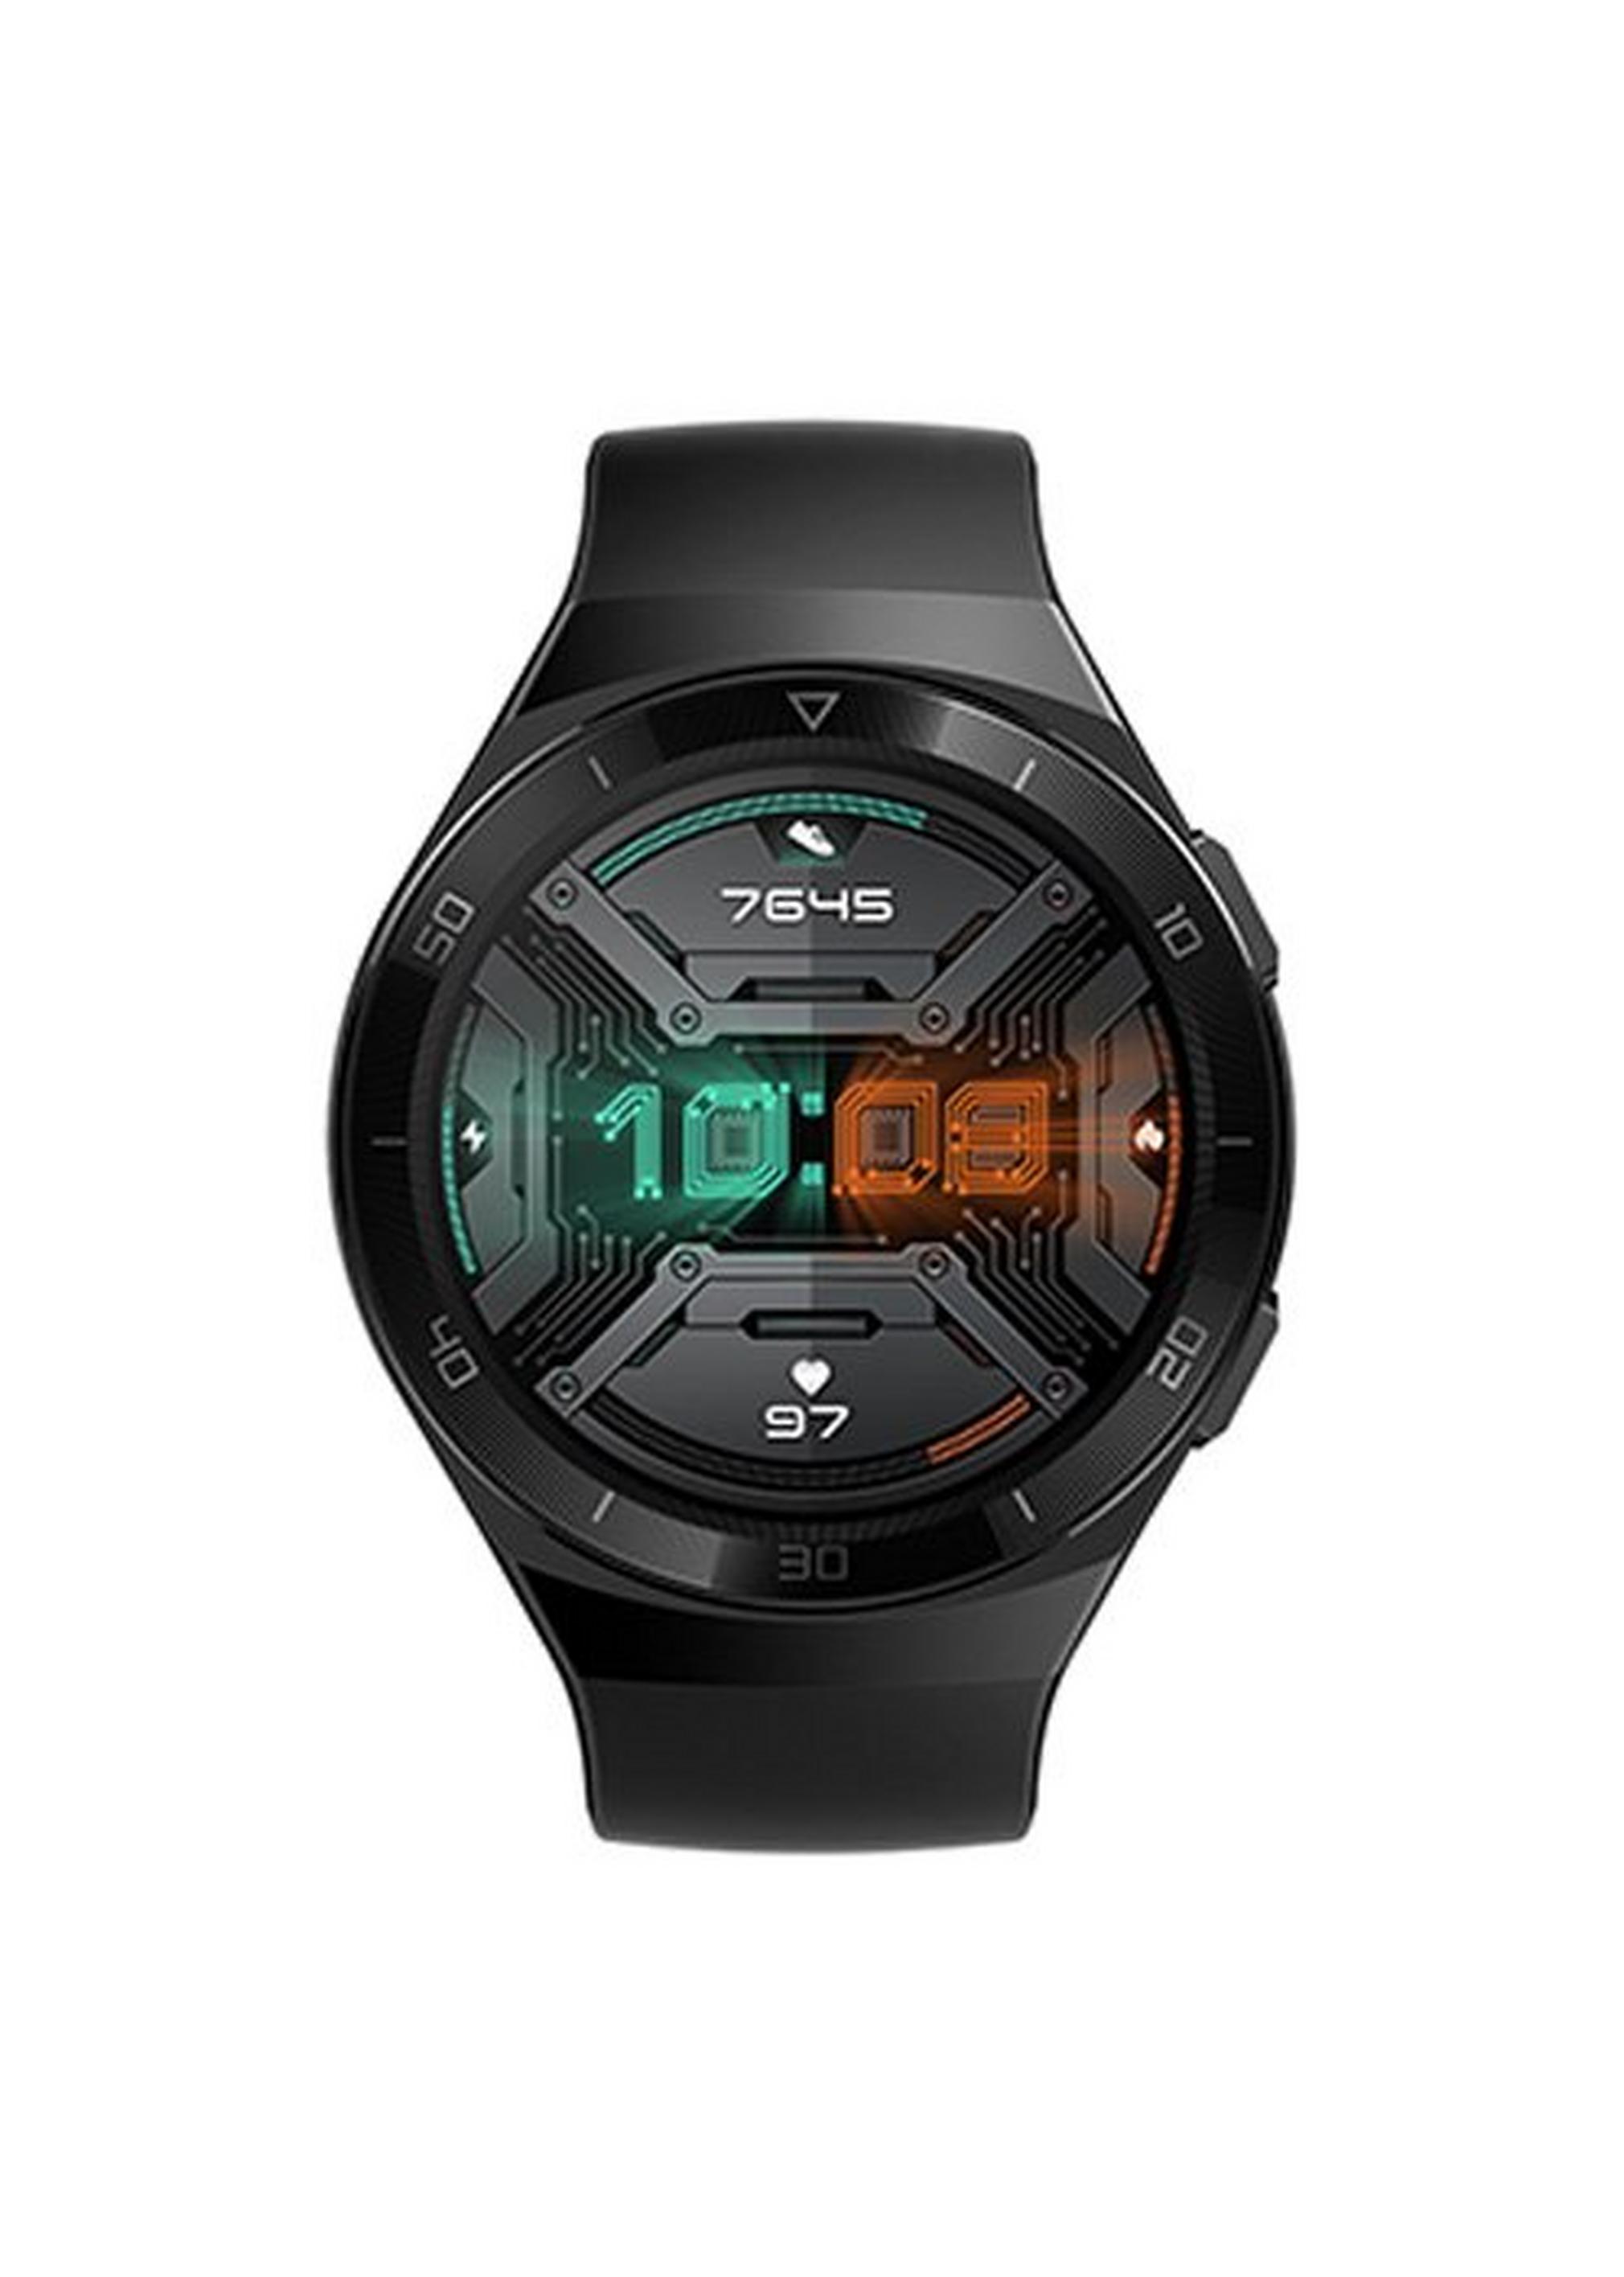 هواوي-ساعة جي تي 2 إي، 46 ملم، ستانلس ستيل-أسود